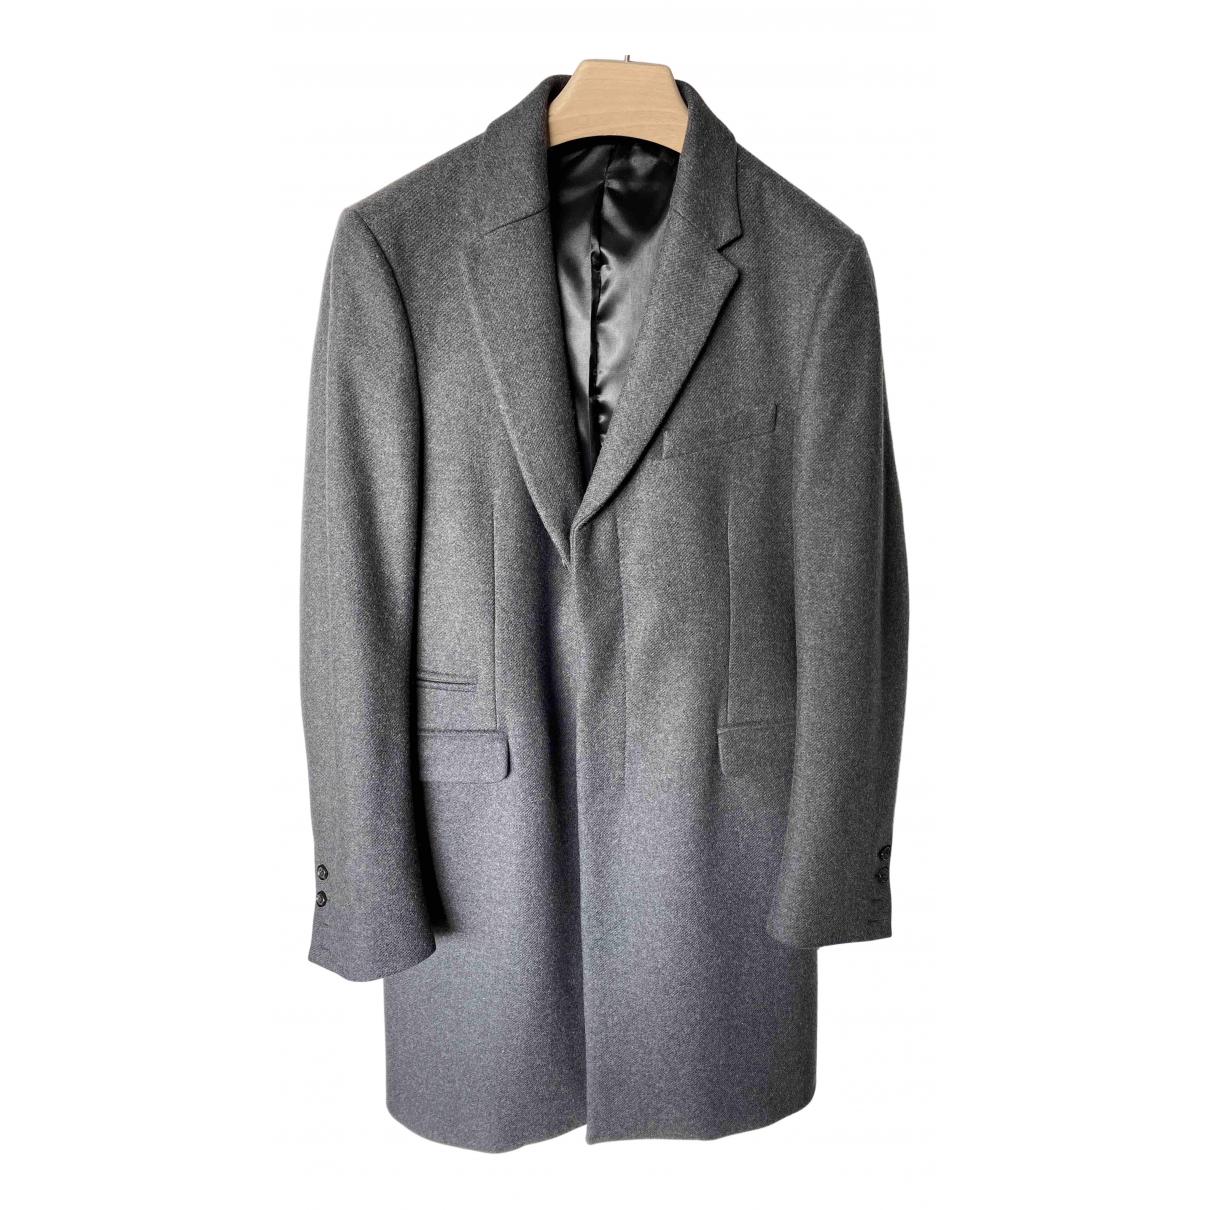 Costume National - Manteau   pour homme en laine - gris